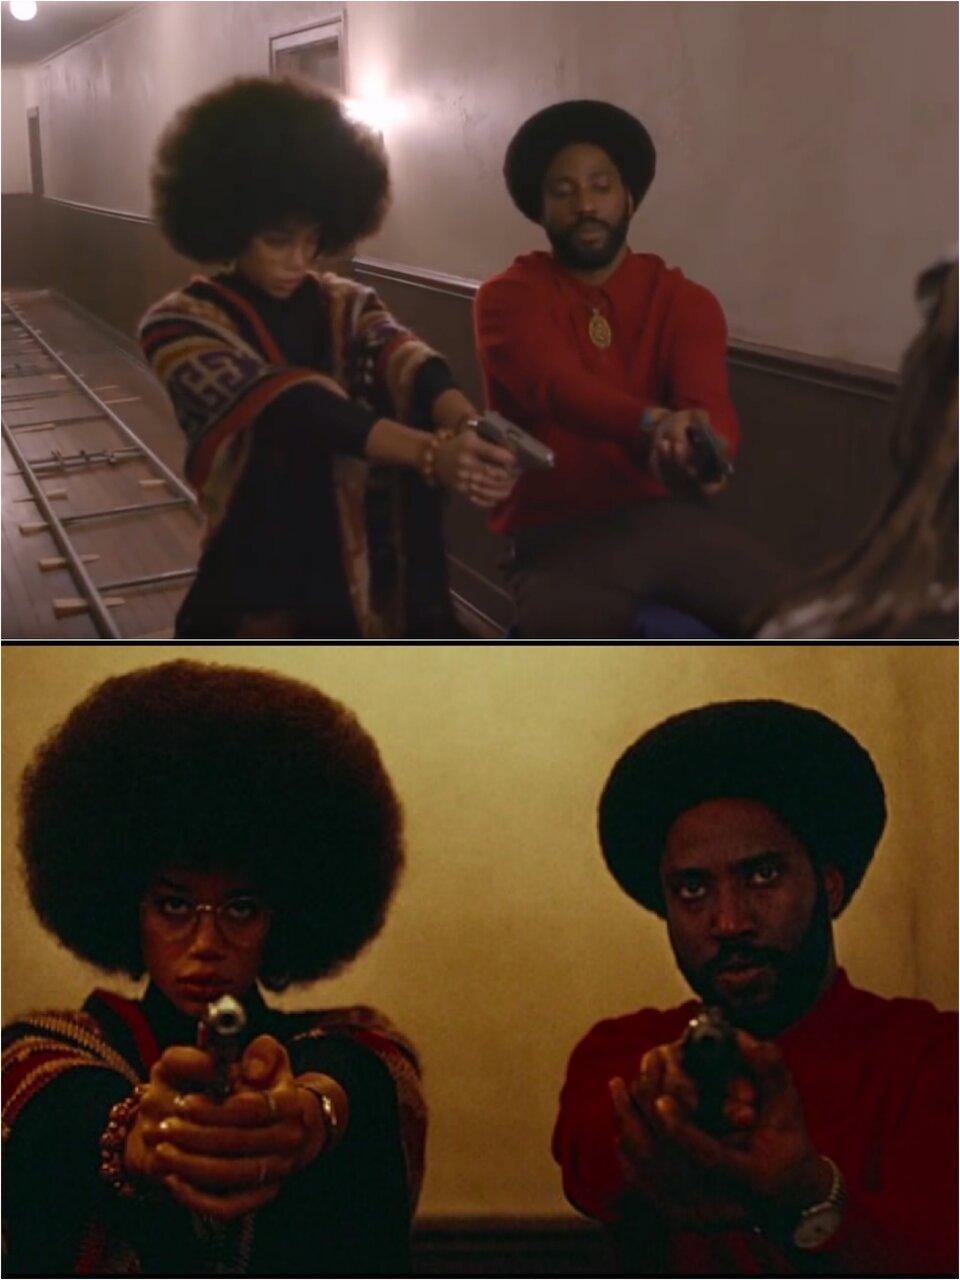 Одна и та же сцена «Черного клановца» — кадр со съемок и тот же самый кадр на просроченной пленке Kodak Ektachrome